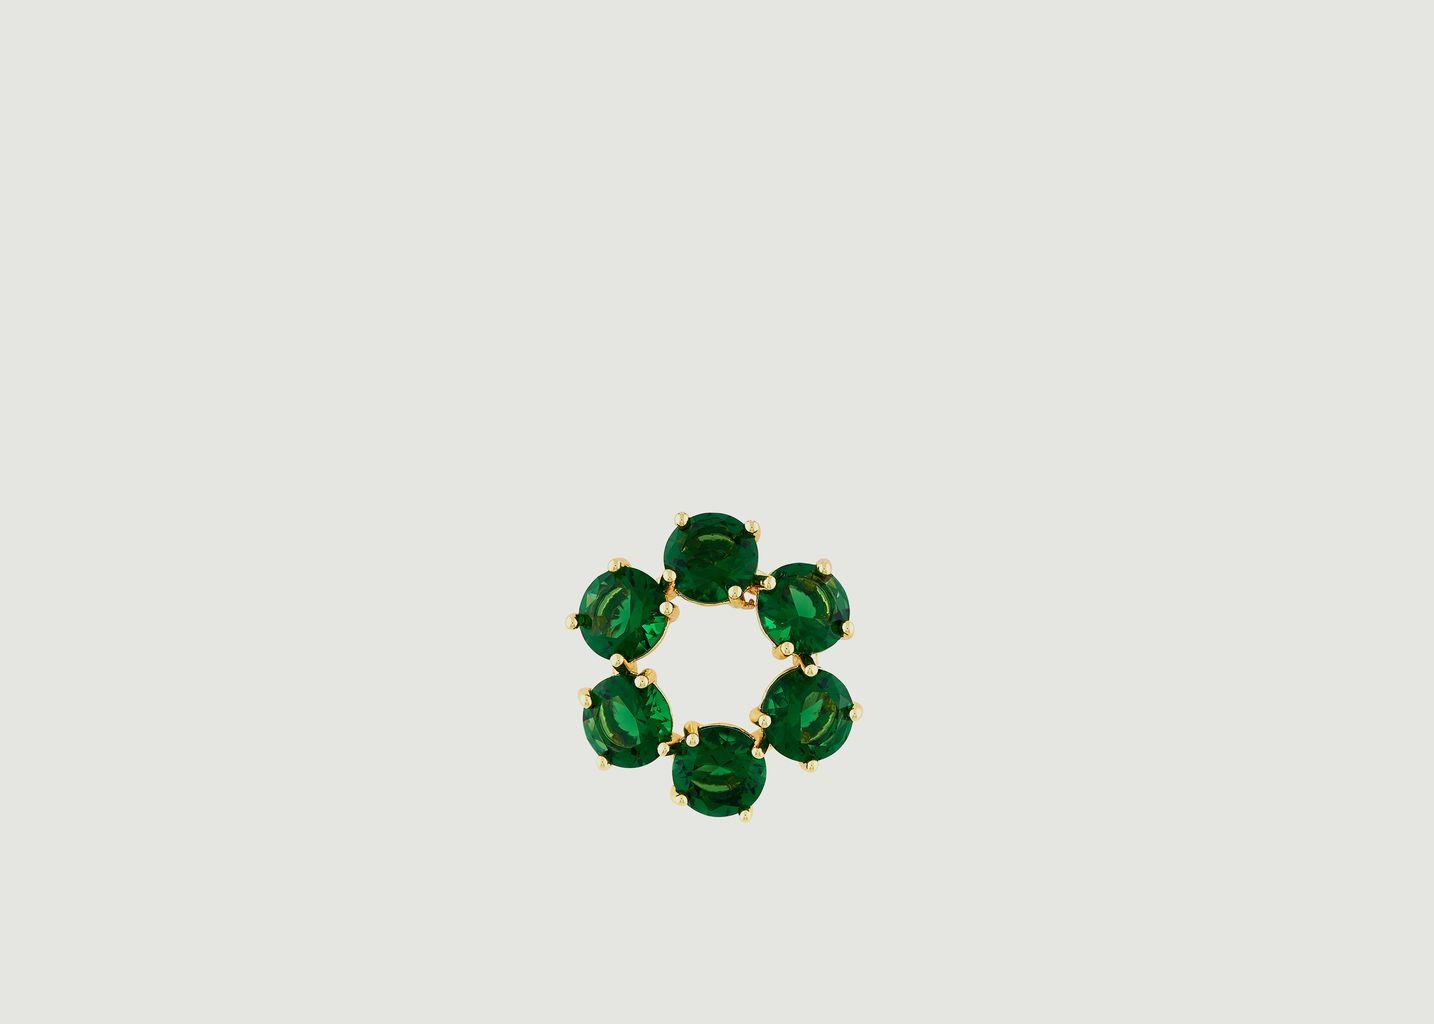 Boucles d'Oreilles La Diamantine - Les Néréides